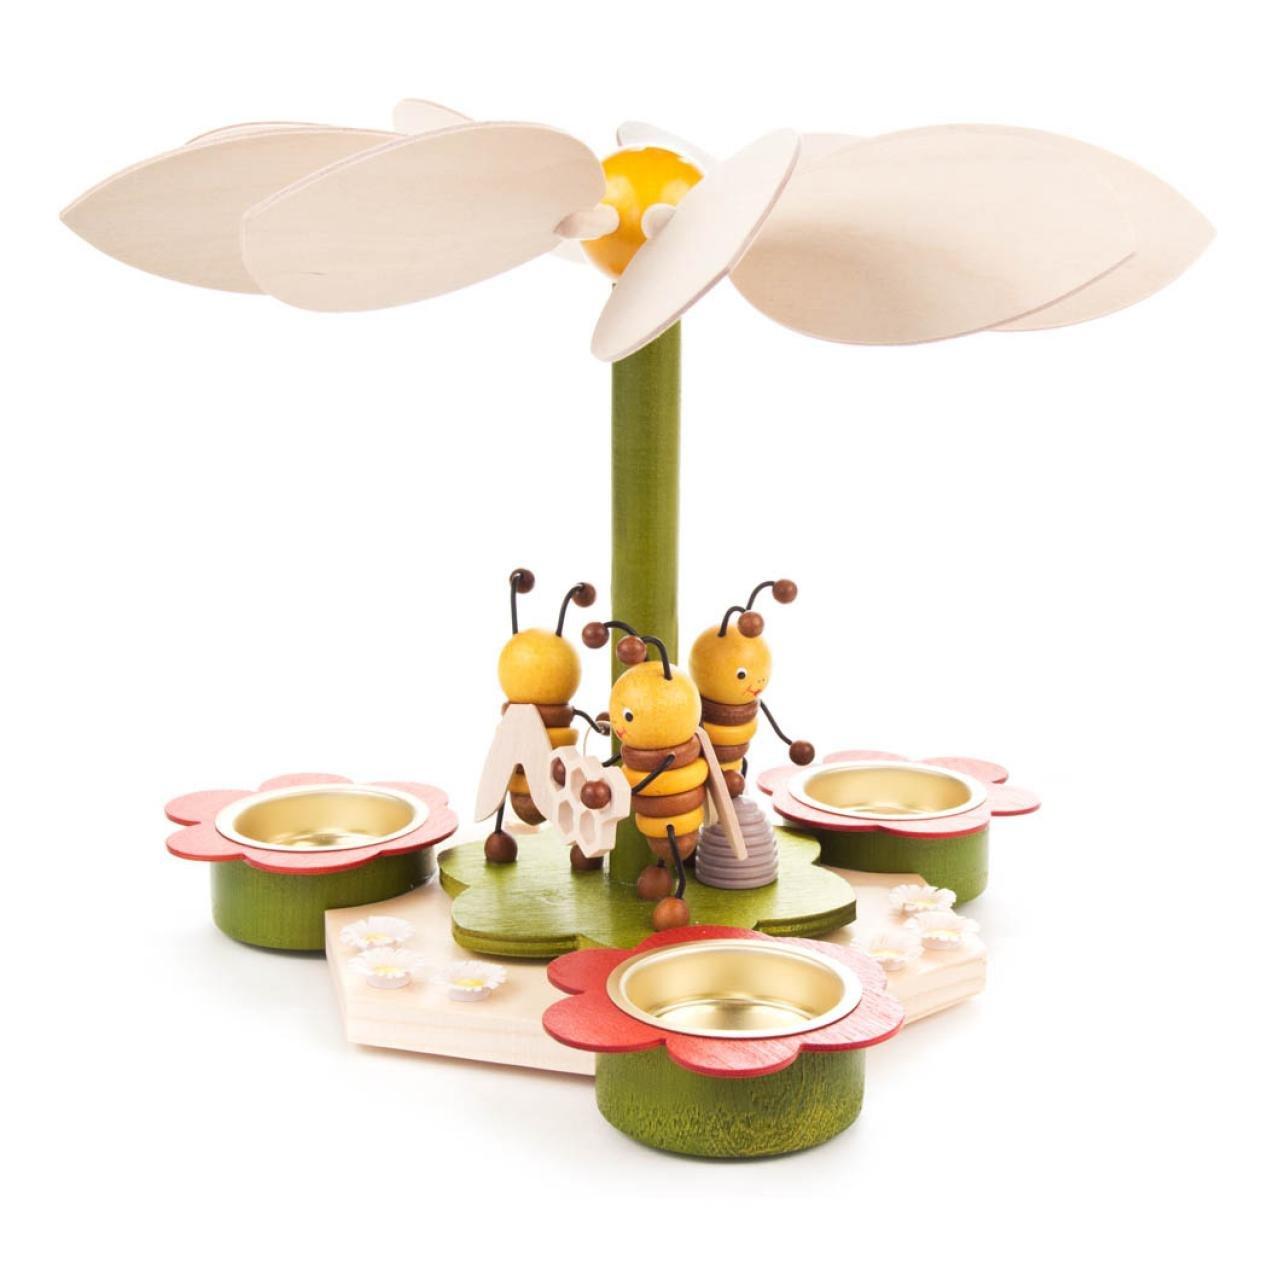 DREGENO Seiffen Pyramide mit Bienen für Teelichte, Holz, Natur, 23.5 x 23.5 x 18 cm